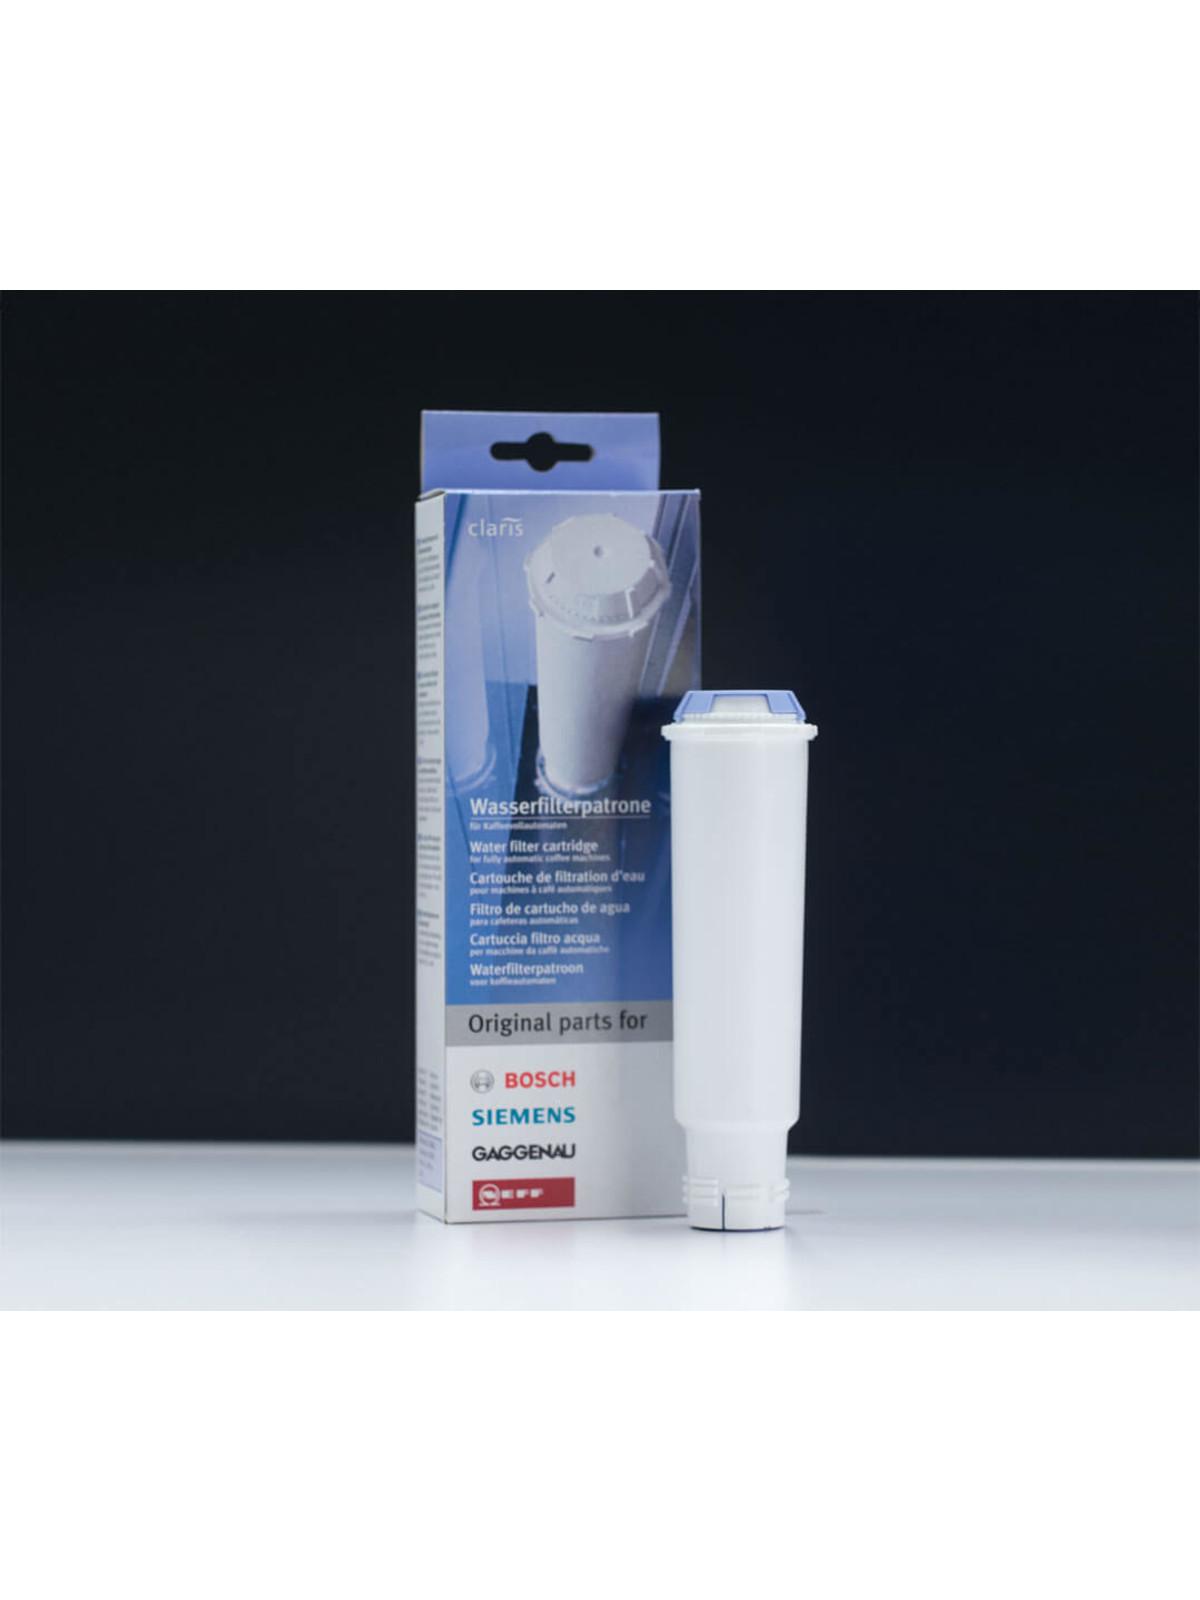 BOSCH Claris Water Filter